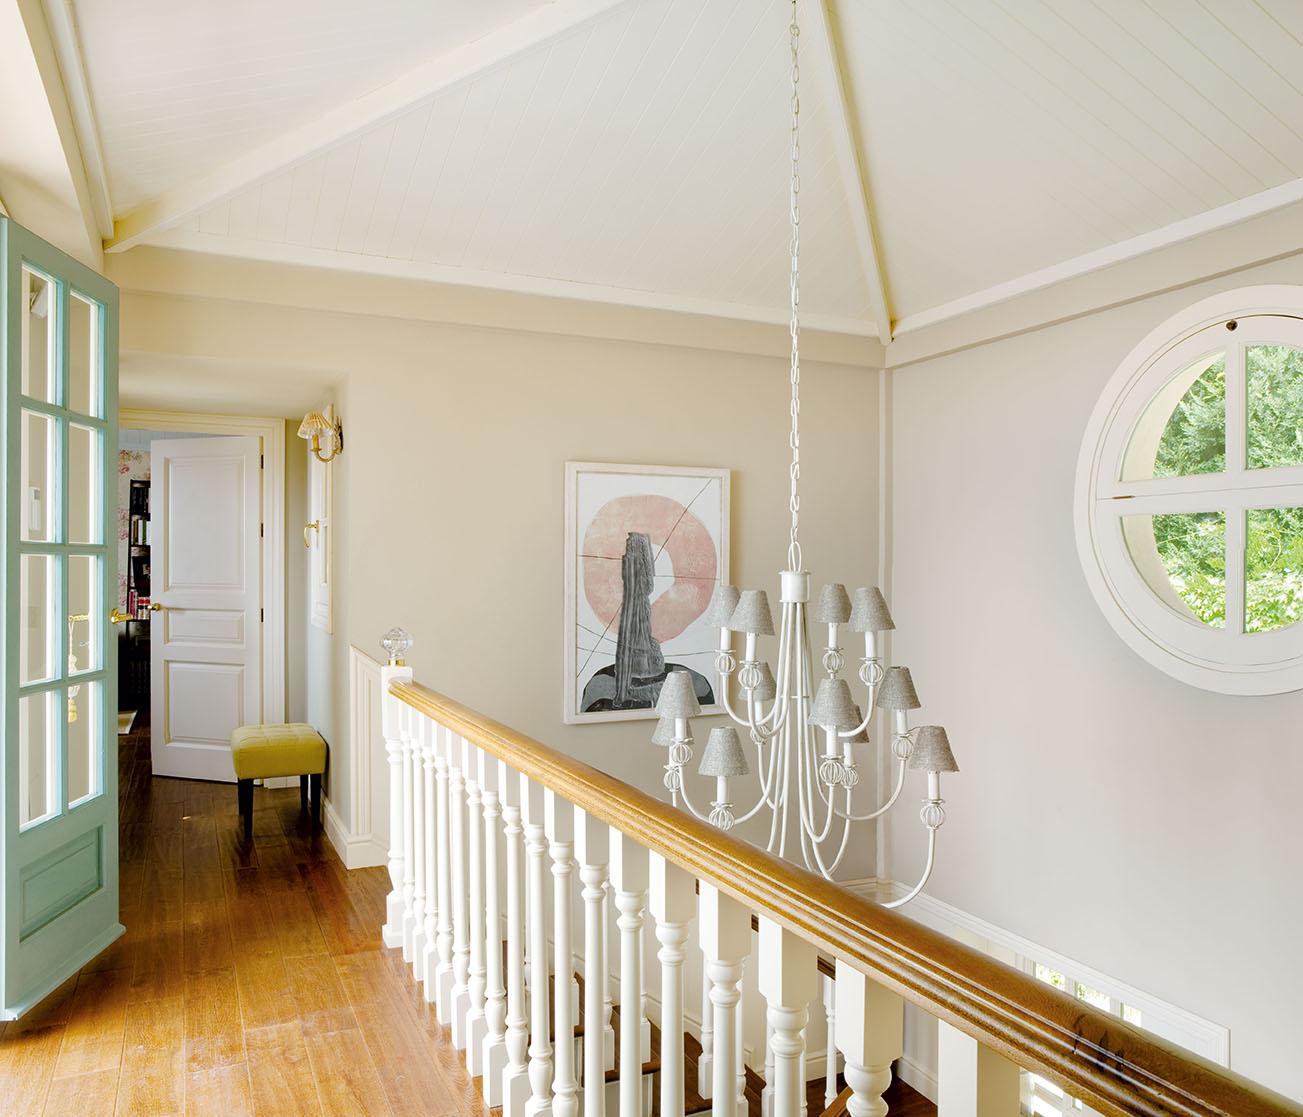 00320820. Parte superior del recibidor con una lámpara de techo gris y blanca y un cuadro_00320820